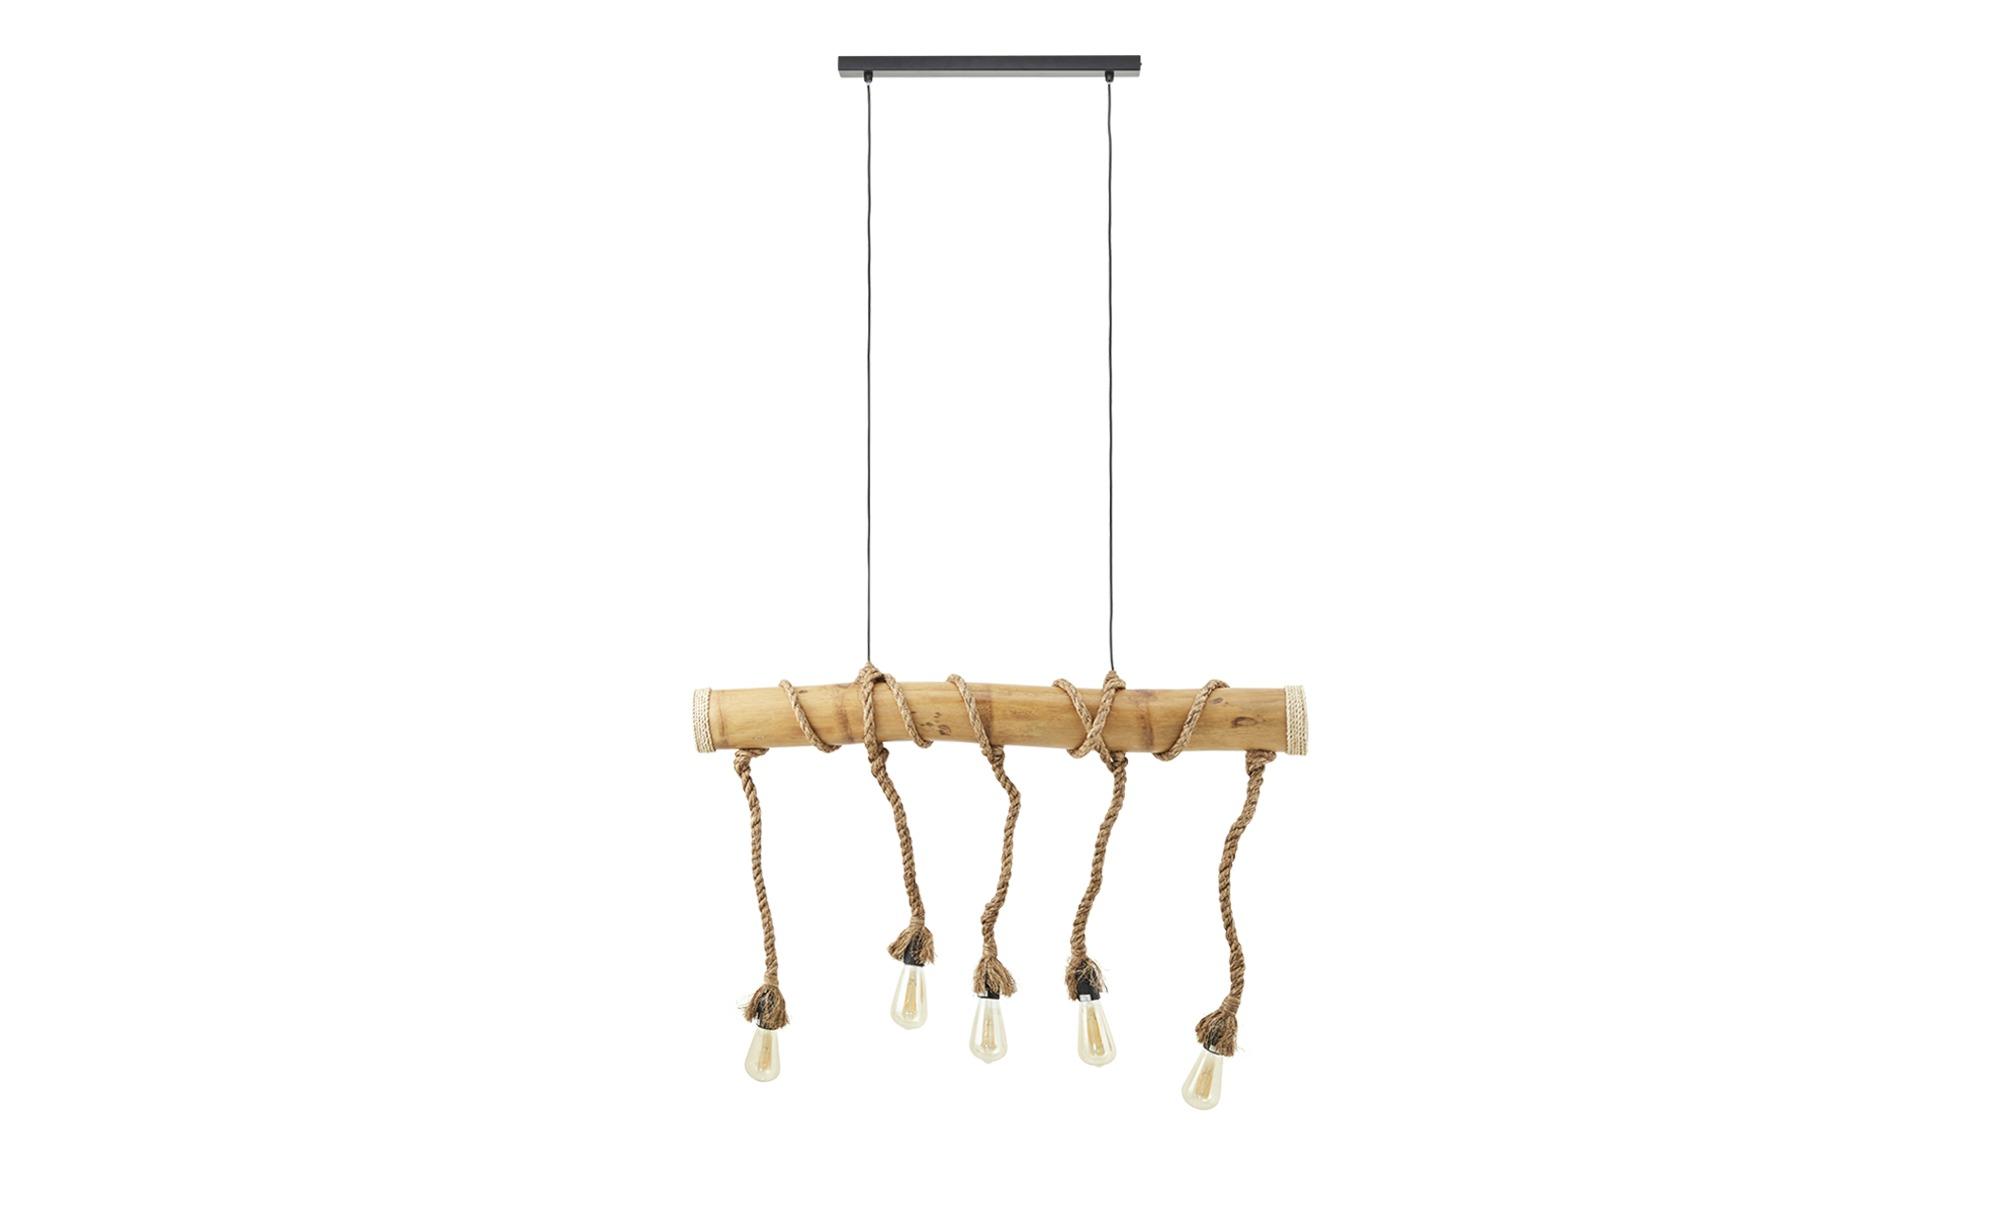 bambus pendelleuchten online kaufen m bel suchmaschine. Black Bedroom Furniture Sets. Home Design Ideas